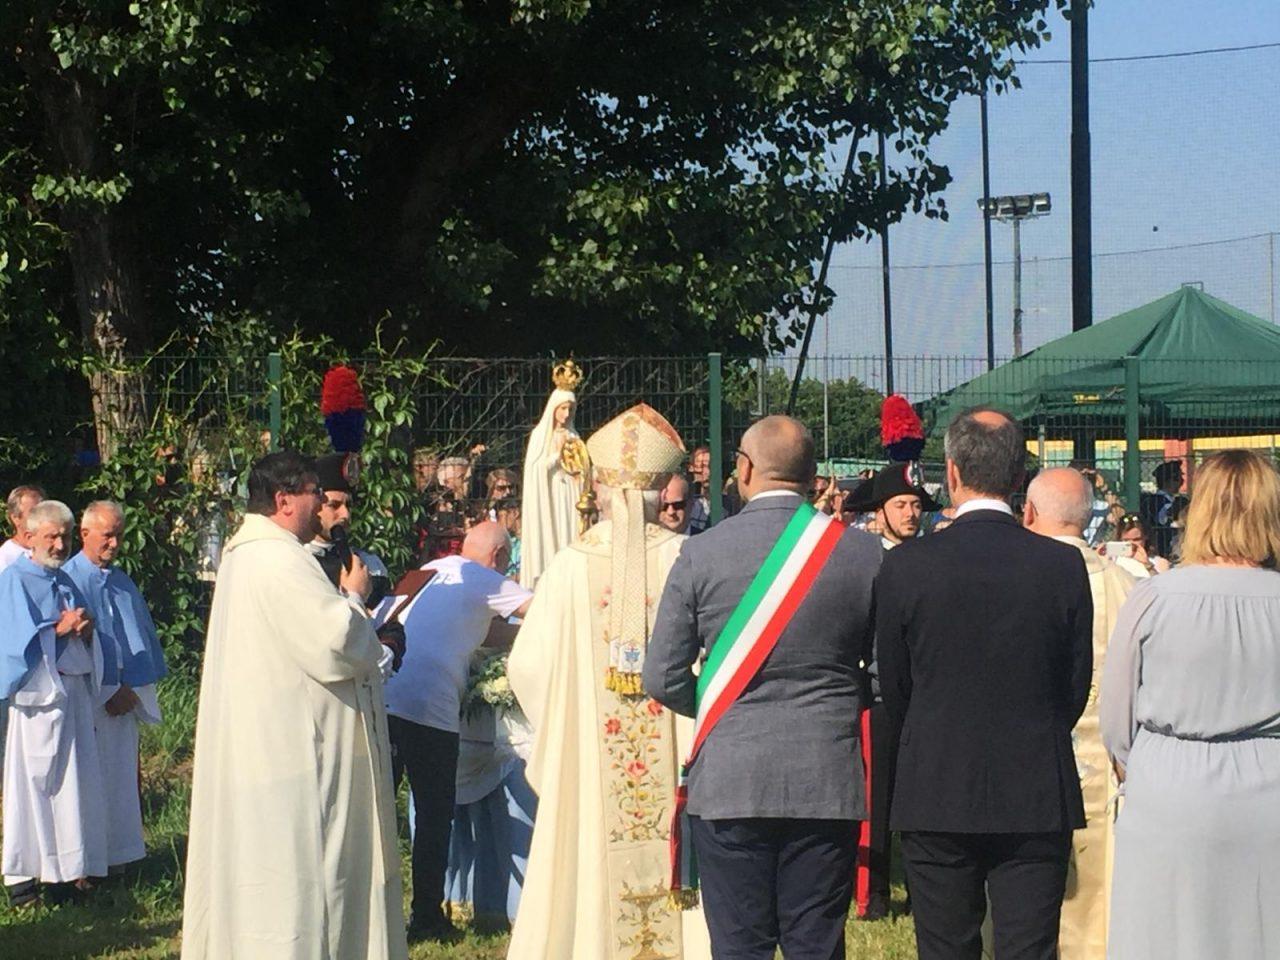 Madonna pellegrina di Fatima atterra a cernusco sul naviglio